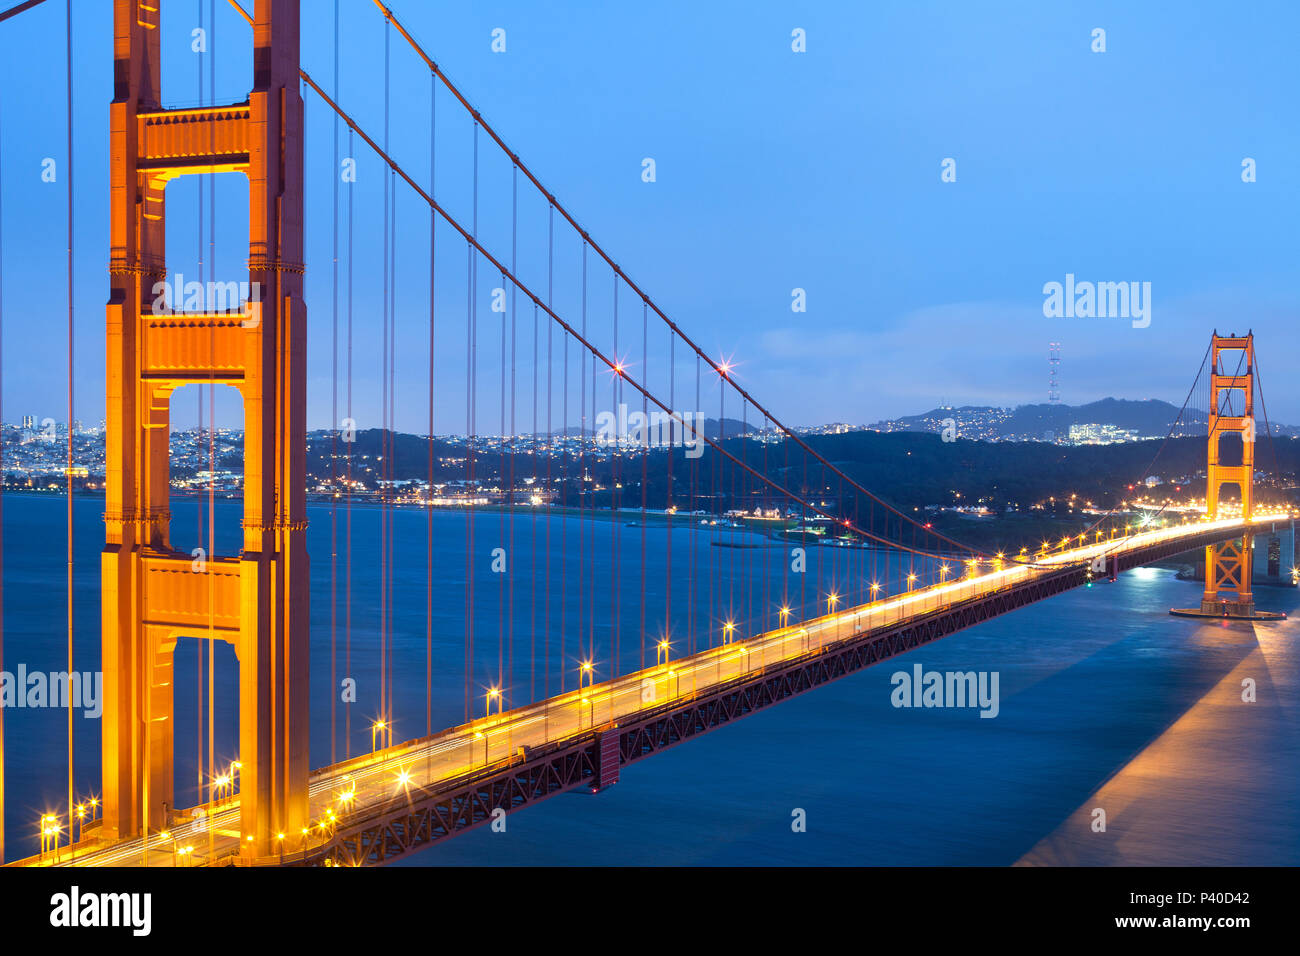 The Golden Gate Bridge, San Francisco, California, USA - Stock Image